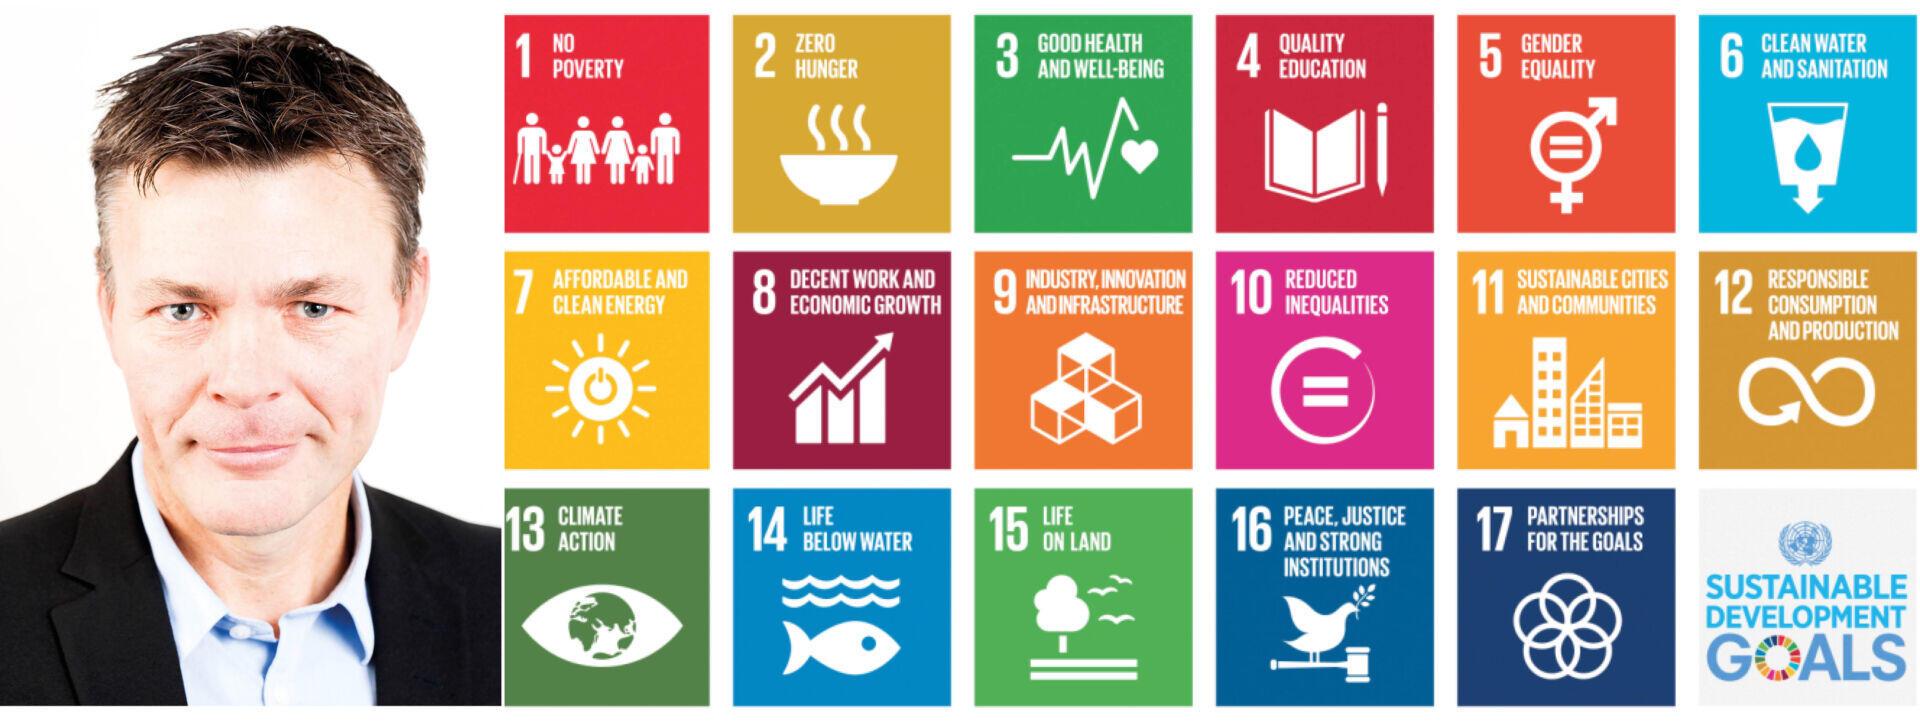 Stora möjligheter för näringslivet när handlingsplanen för Agenda 2030 ska implementeras